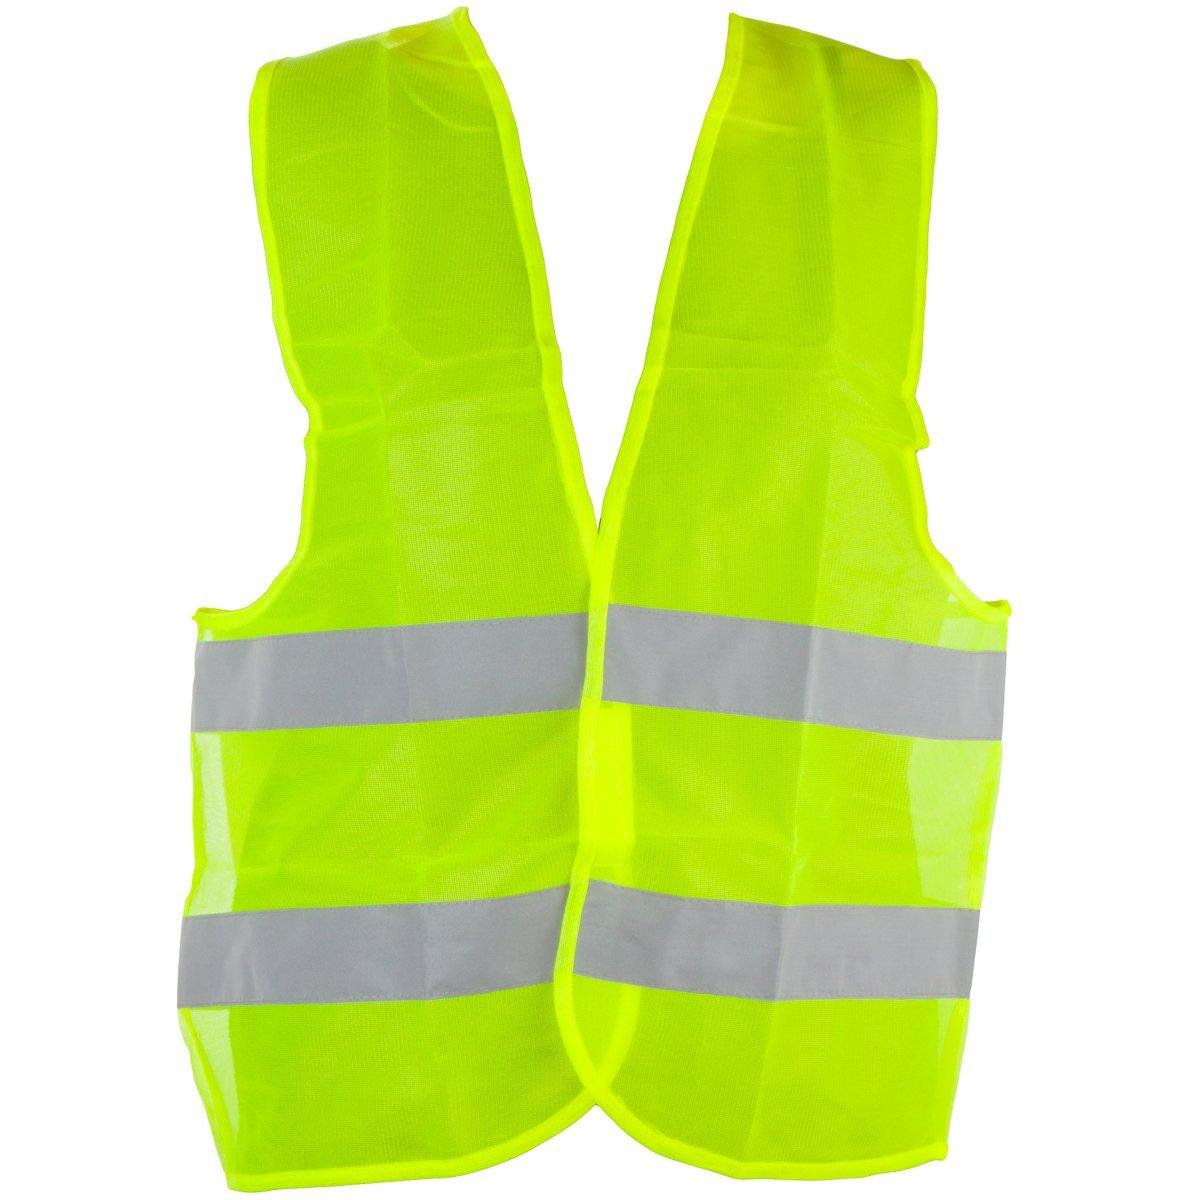 [Amazon] Warnweste EN471 gelb, knitterfrei, waschbar, Standardgröße für 1,15 Euro inkl. Versand